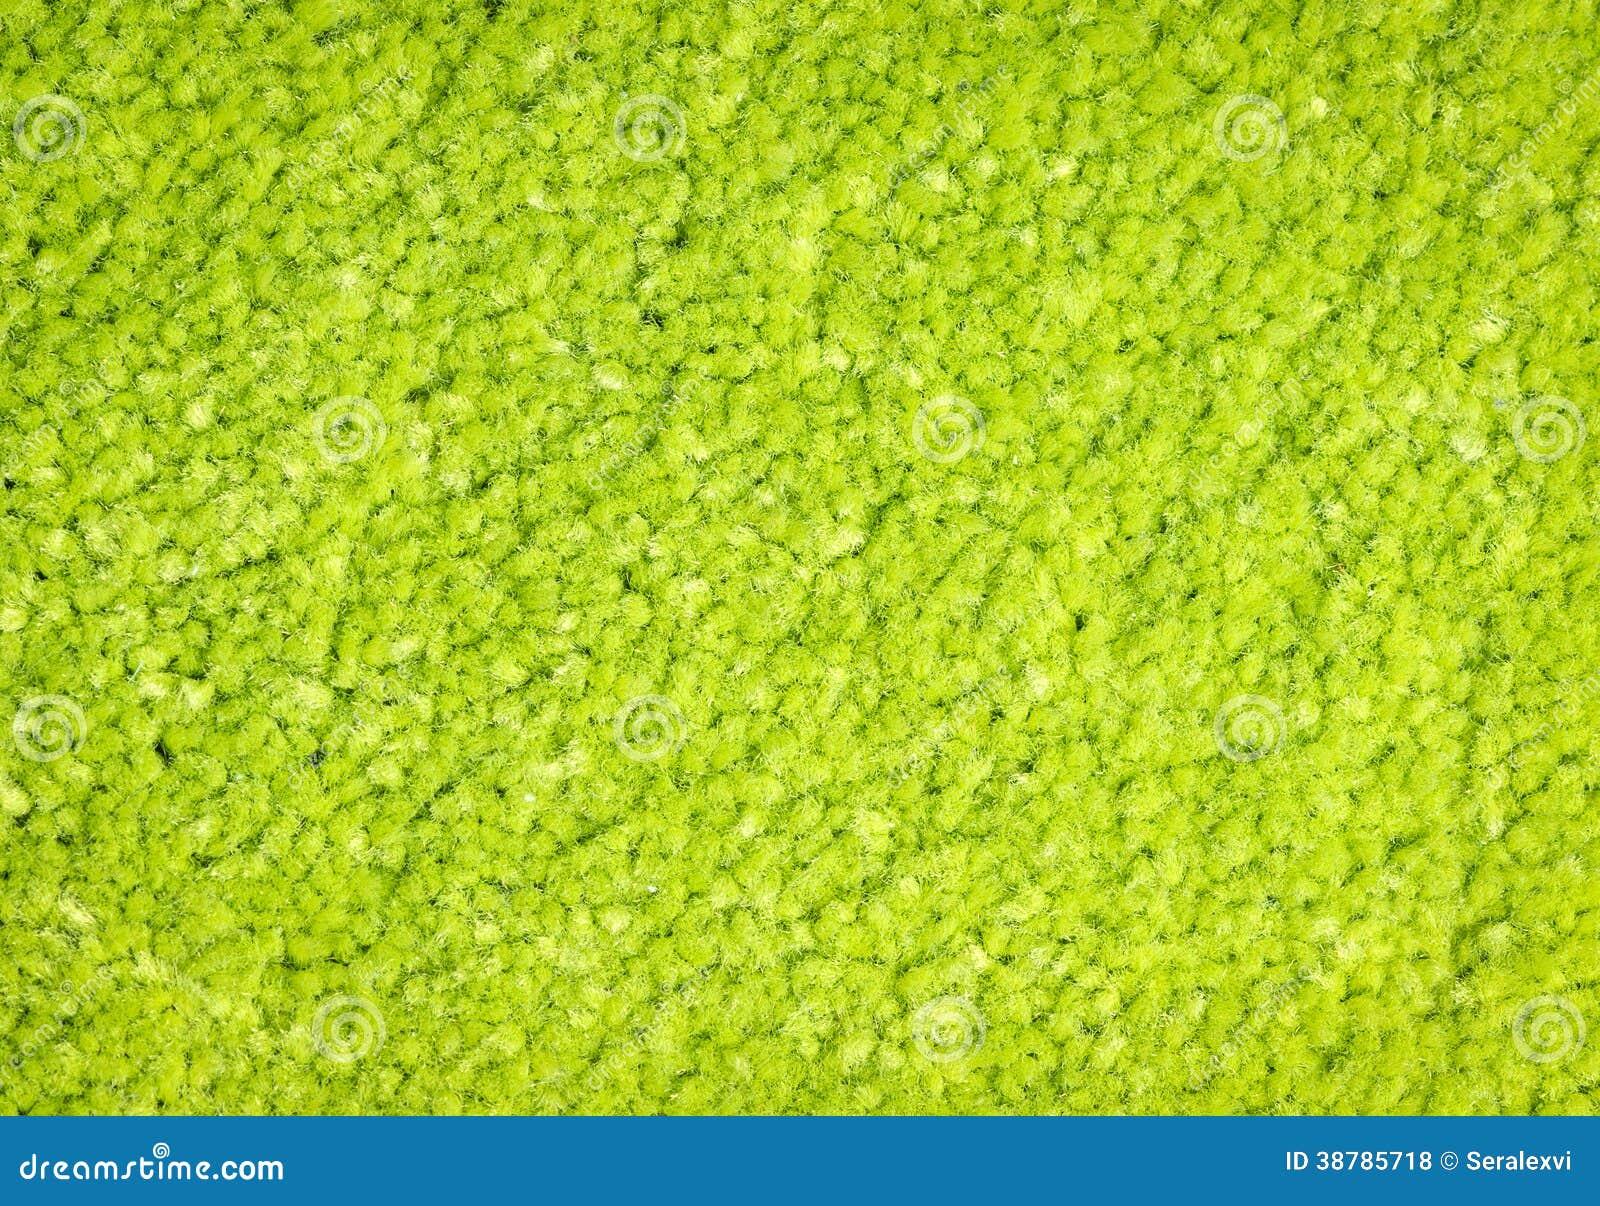 Textura verde de la alfombra foto de archivo imagen for Alfombra verde para jardin